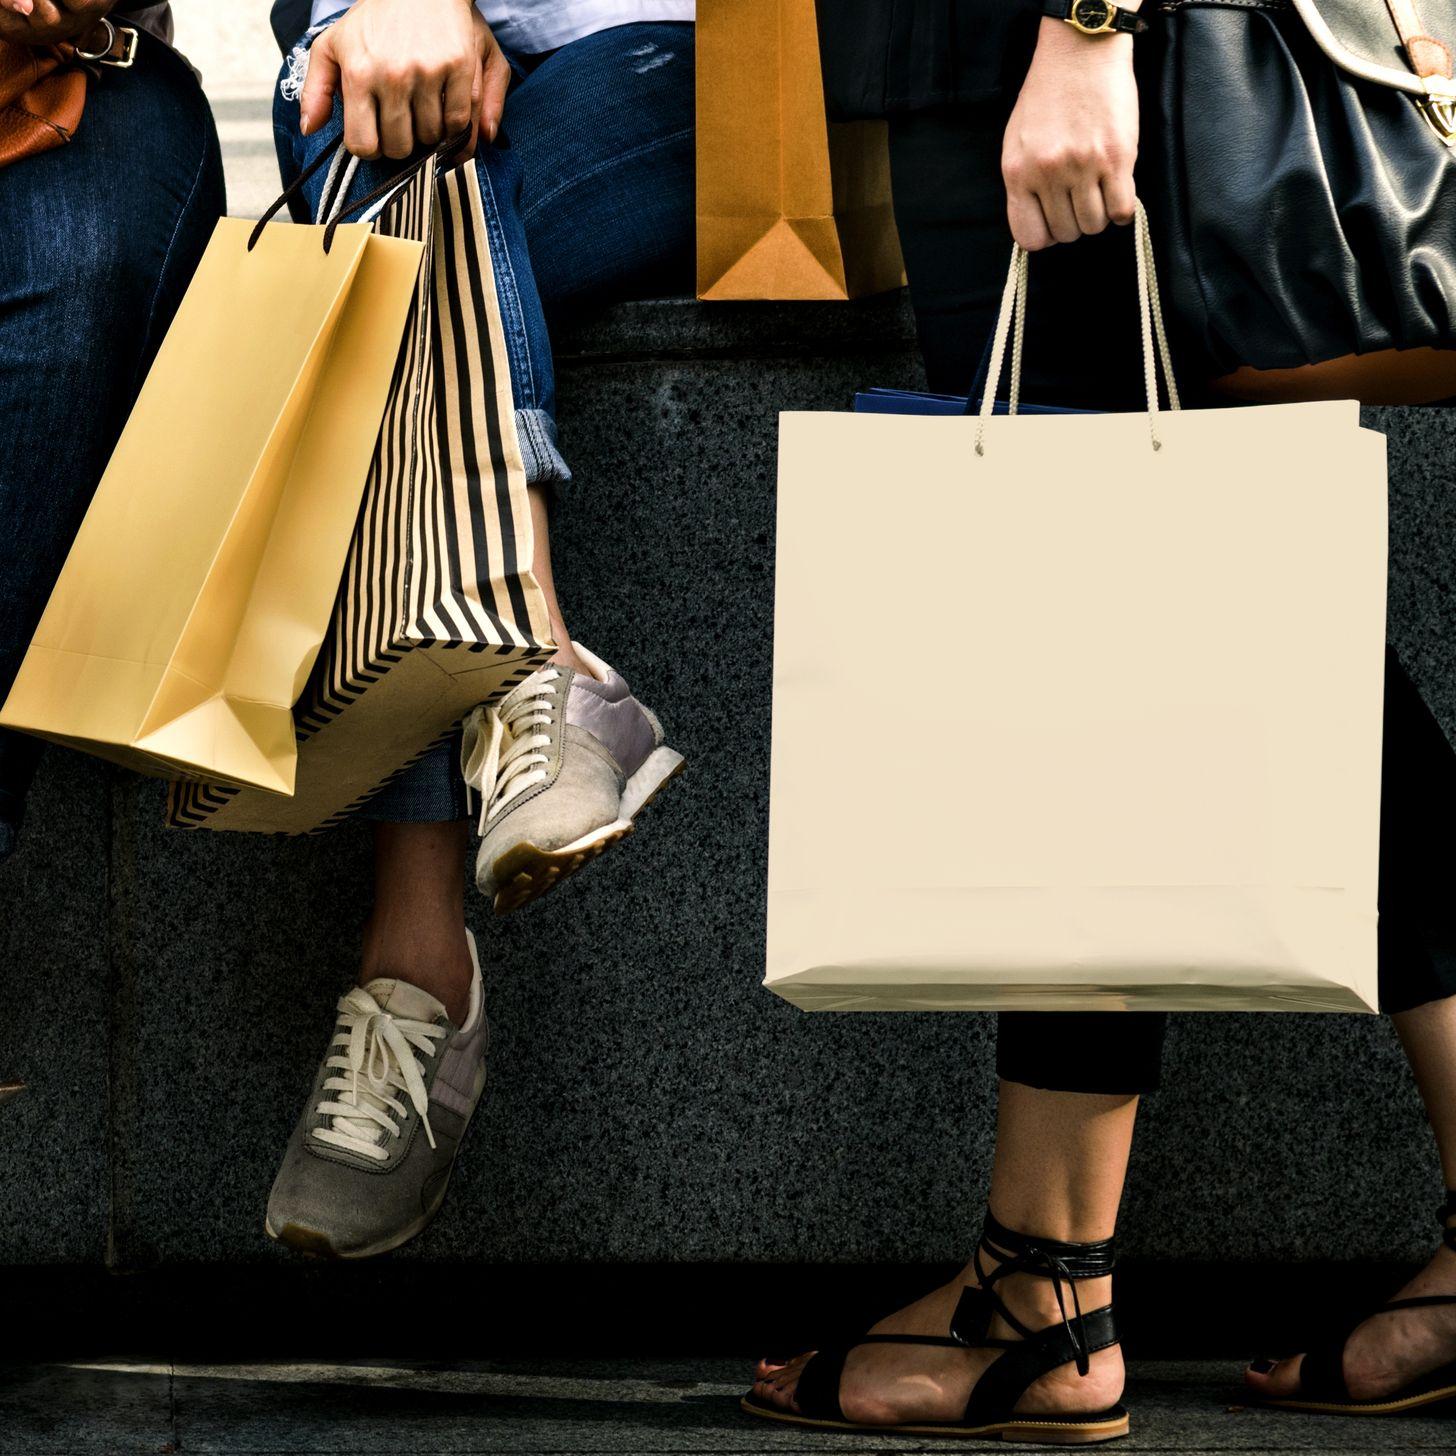 store_needs_stock2.jpg